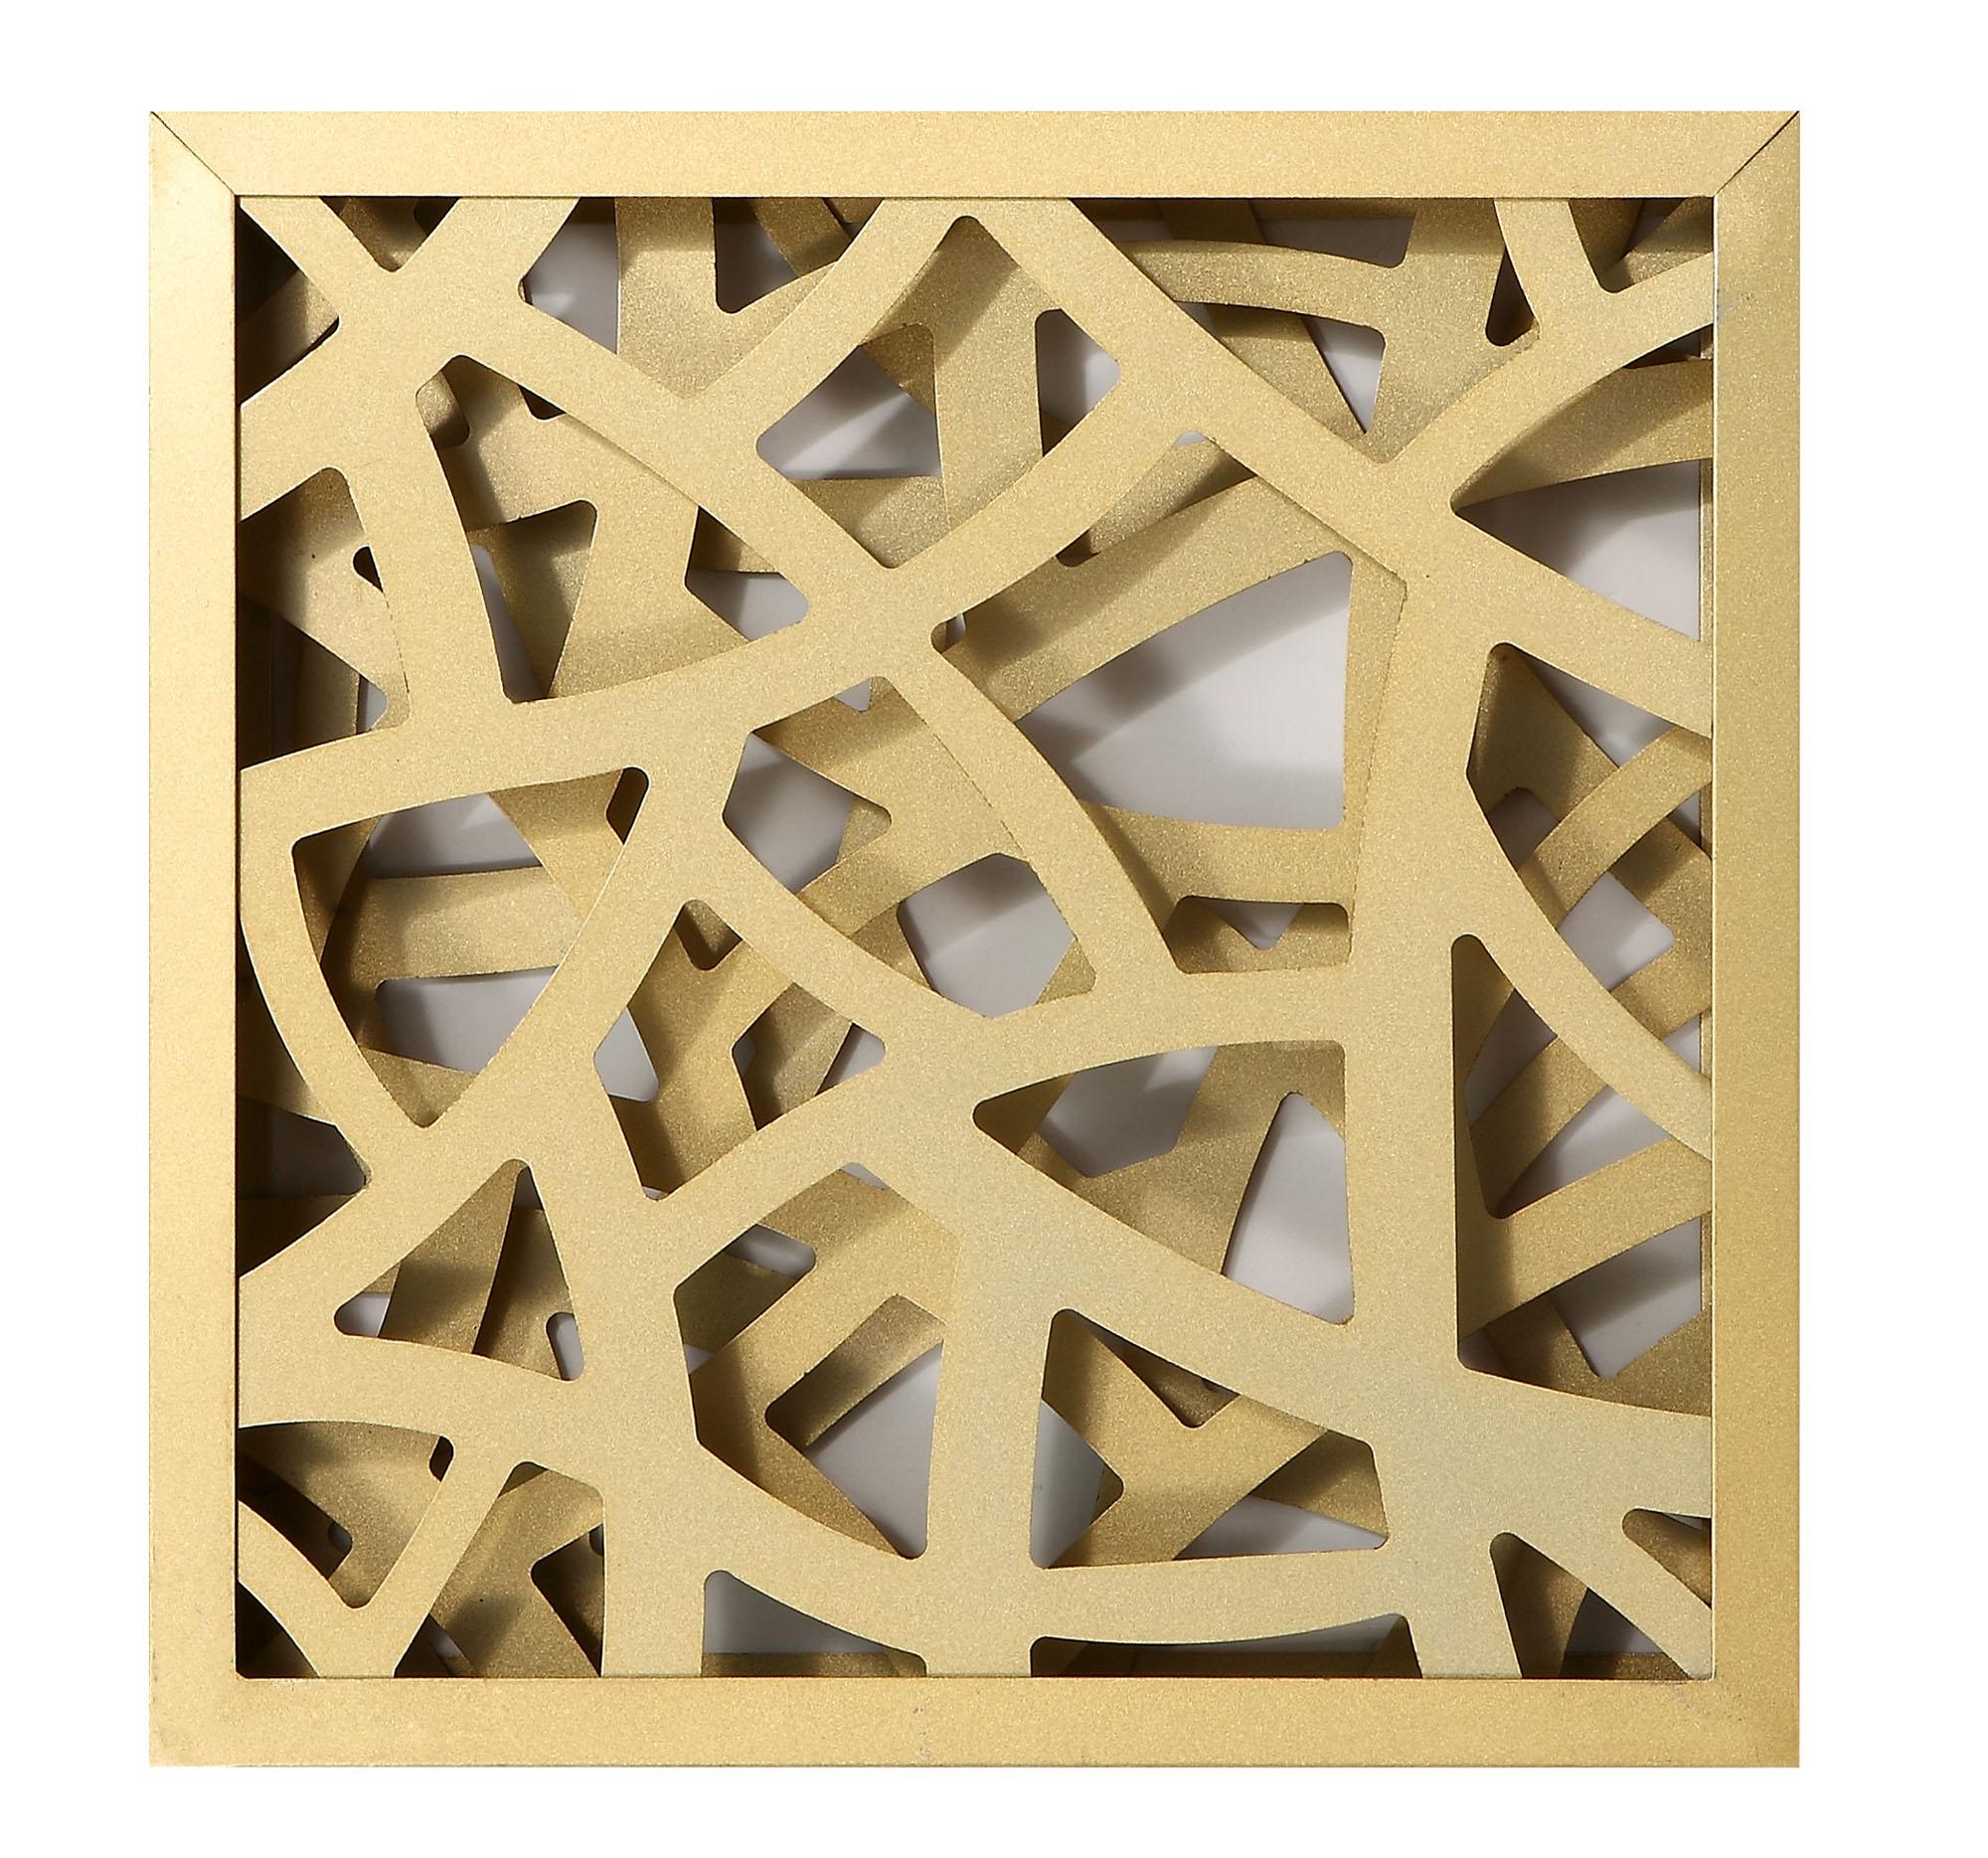 裝飾花狀鋁合金雕花板方型板